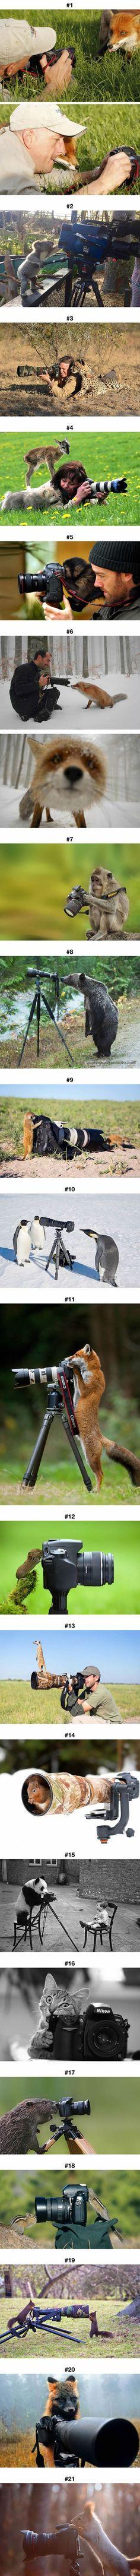 Eläimet ja kamera :3 - hauskat kuvat - Naurunappula